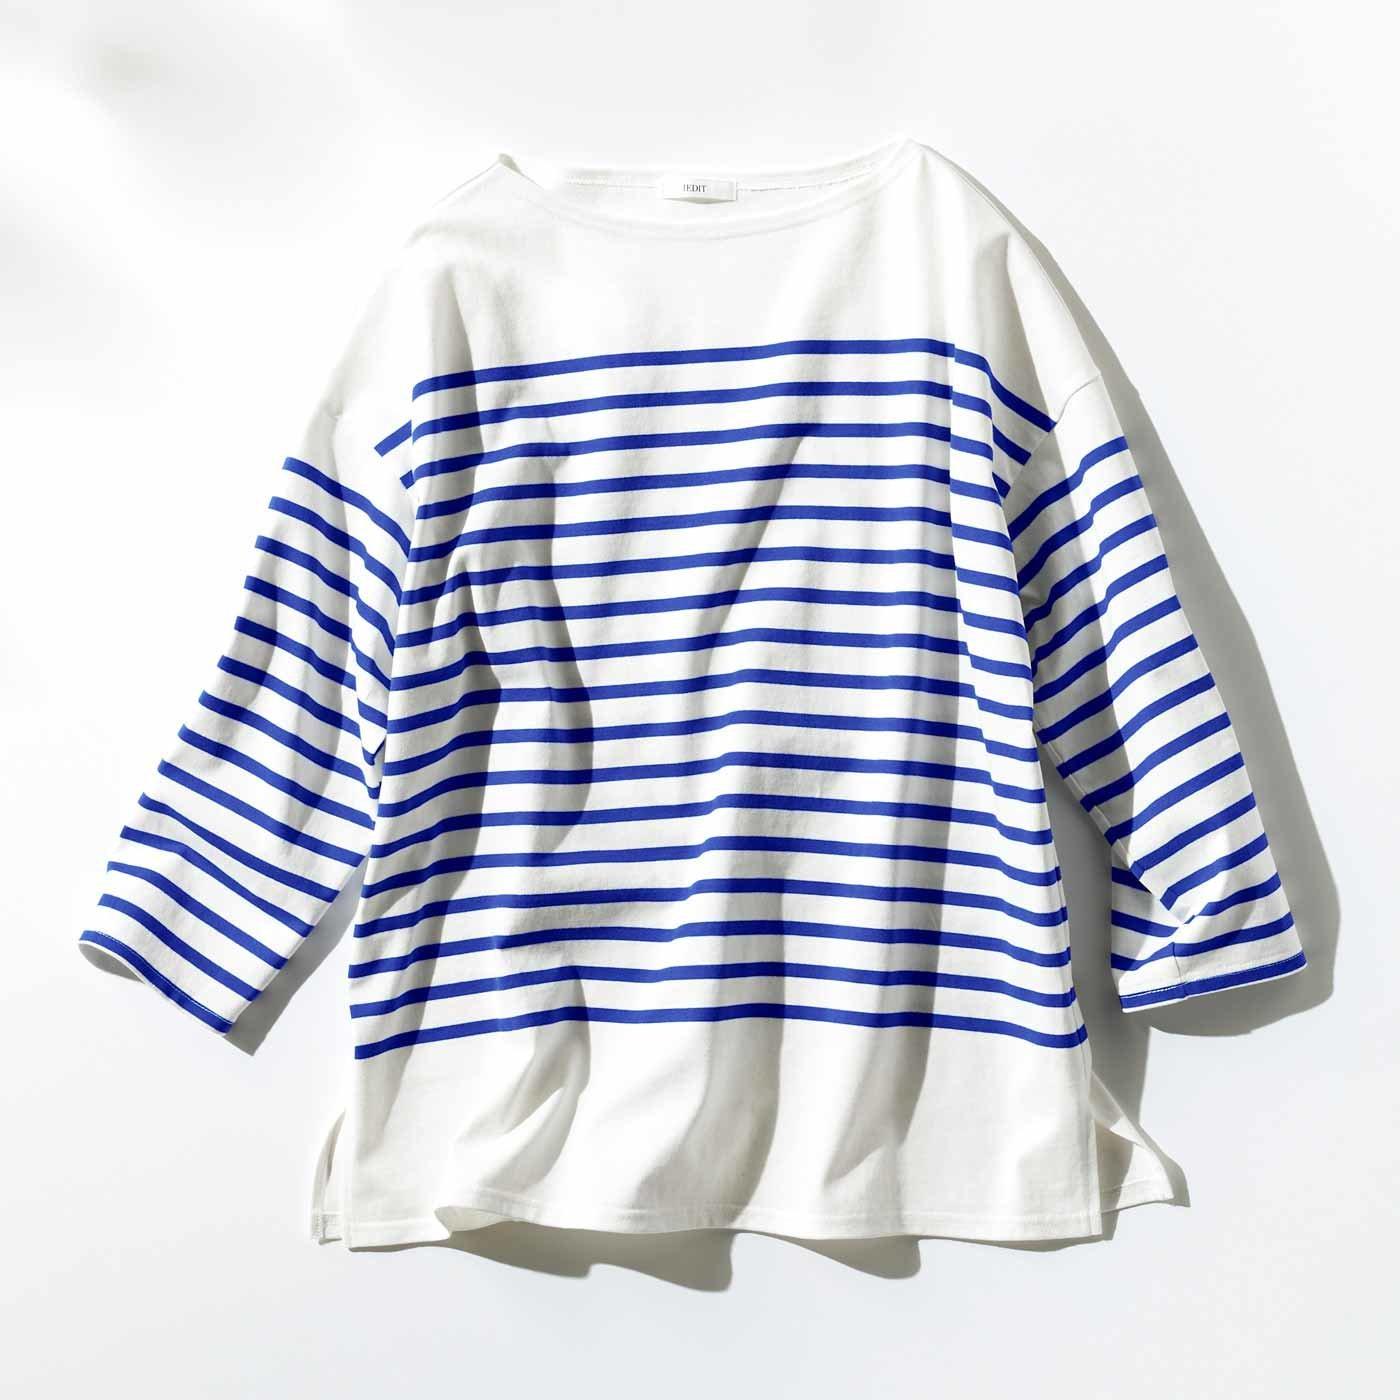 IEDIT[イディット] 小森美穂子さんコラボ こだわりのバスク風ボーダーTシャツ〈ブルー〉